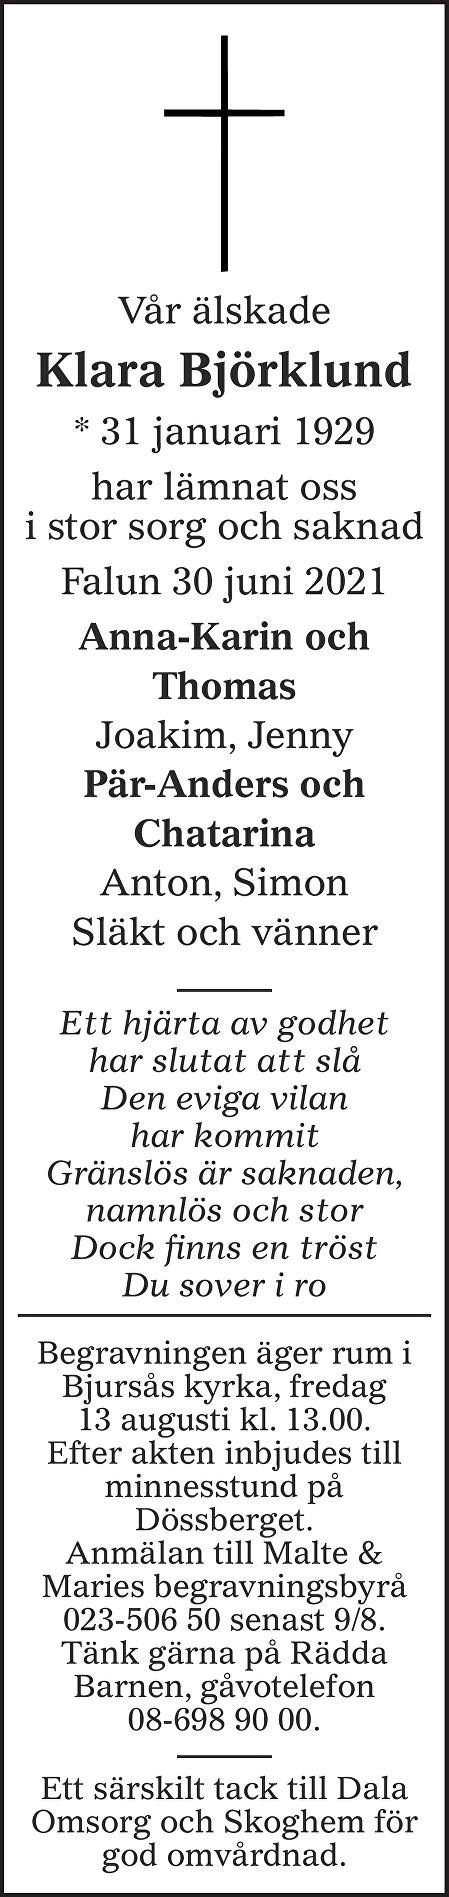 Klara Björklund Death notice